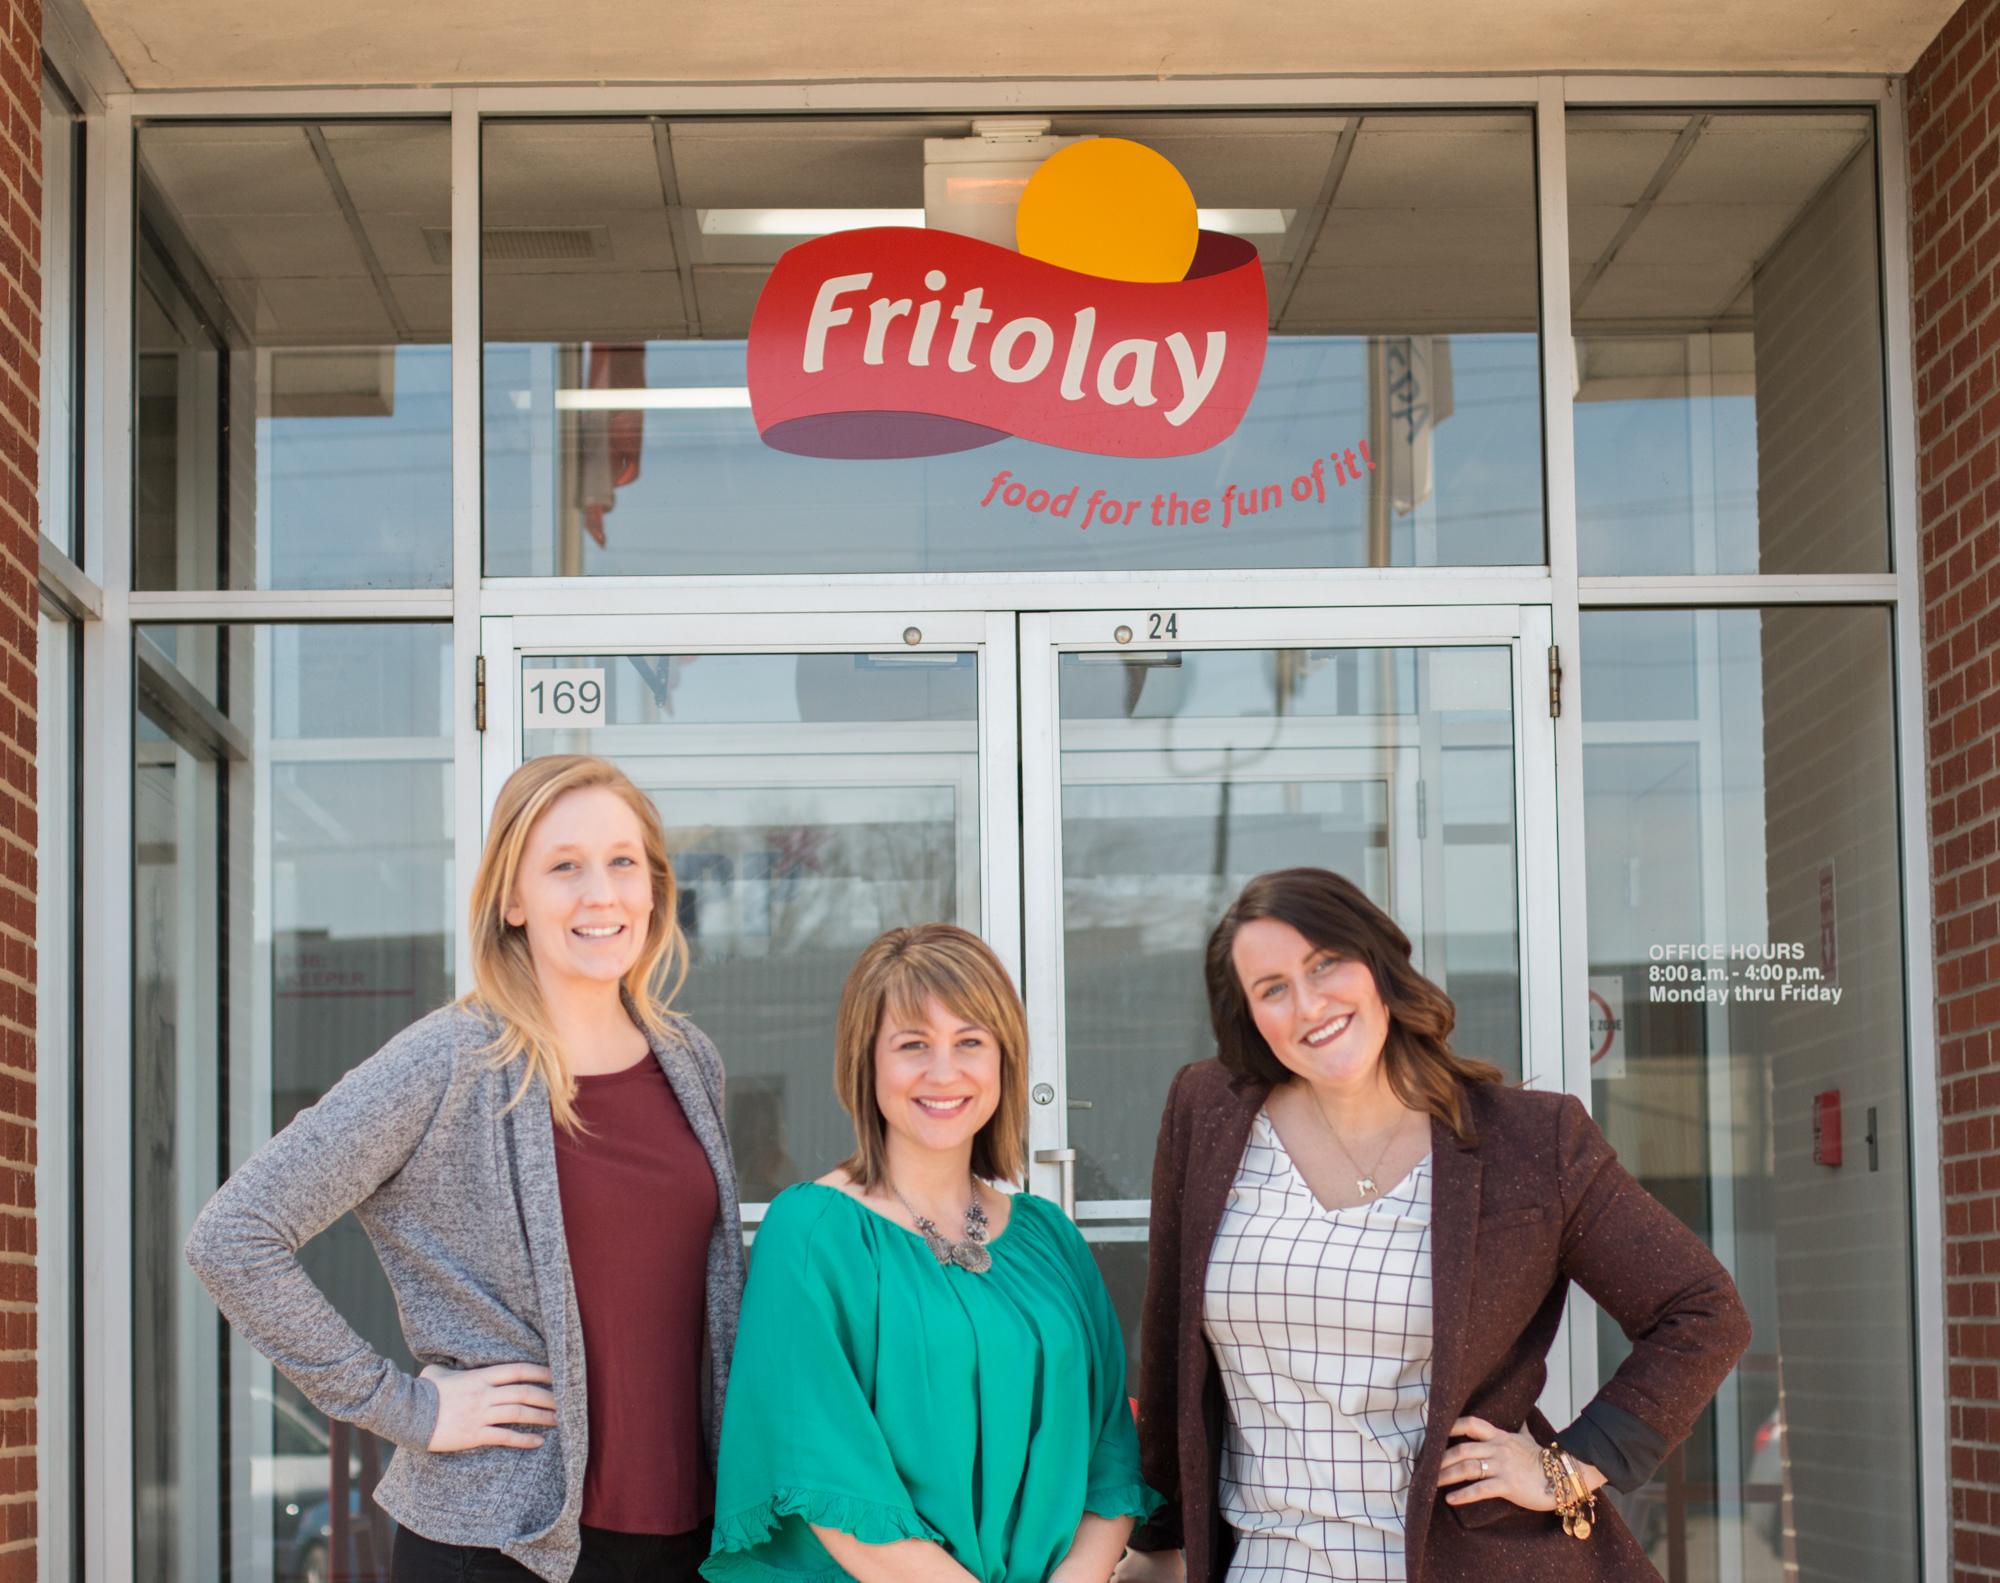 FritoLay-123.jpg